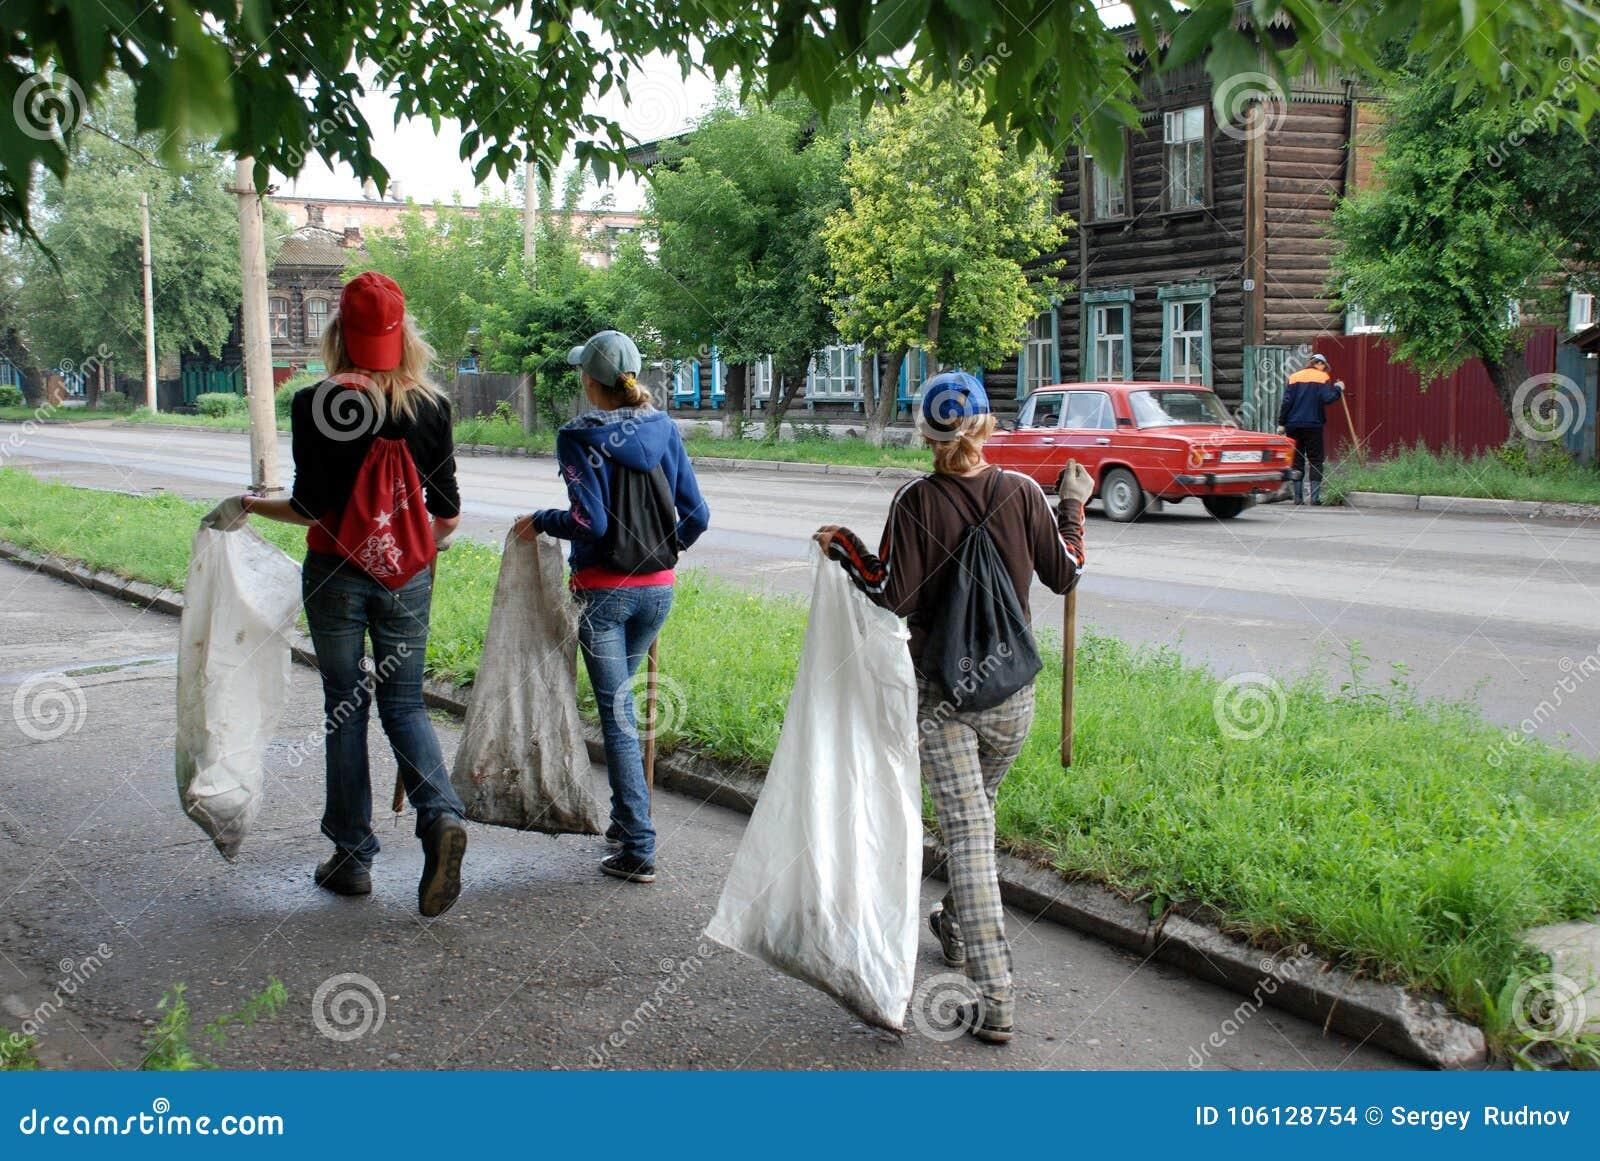 Kinder sammeln Abfall Zeichen der Zeiten